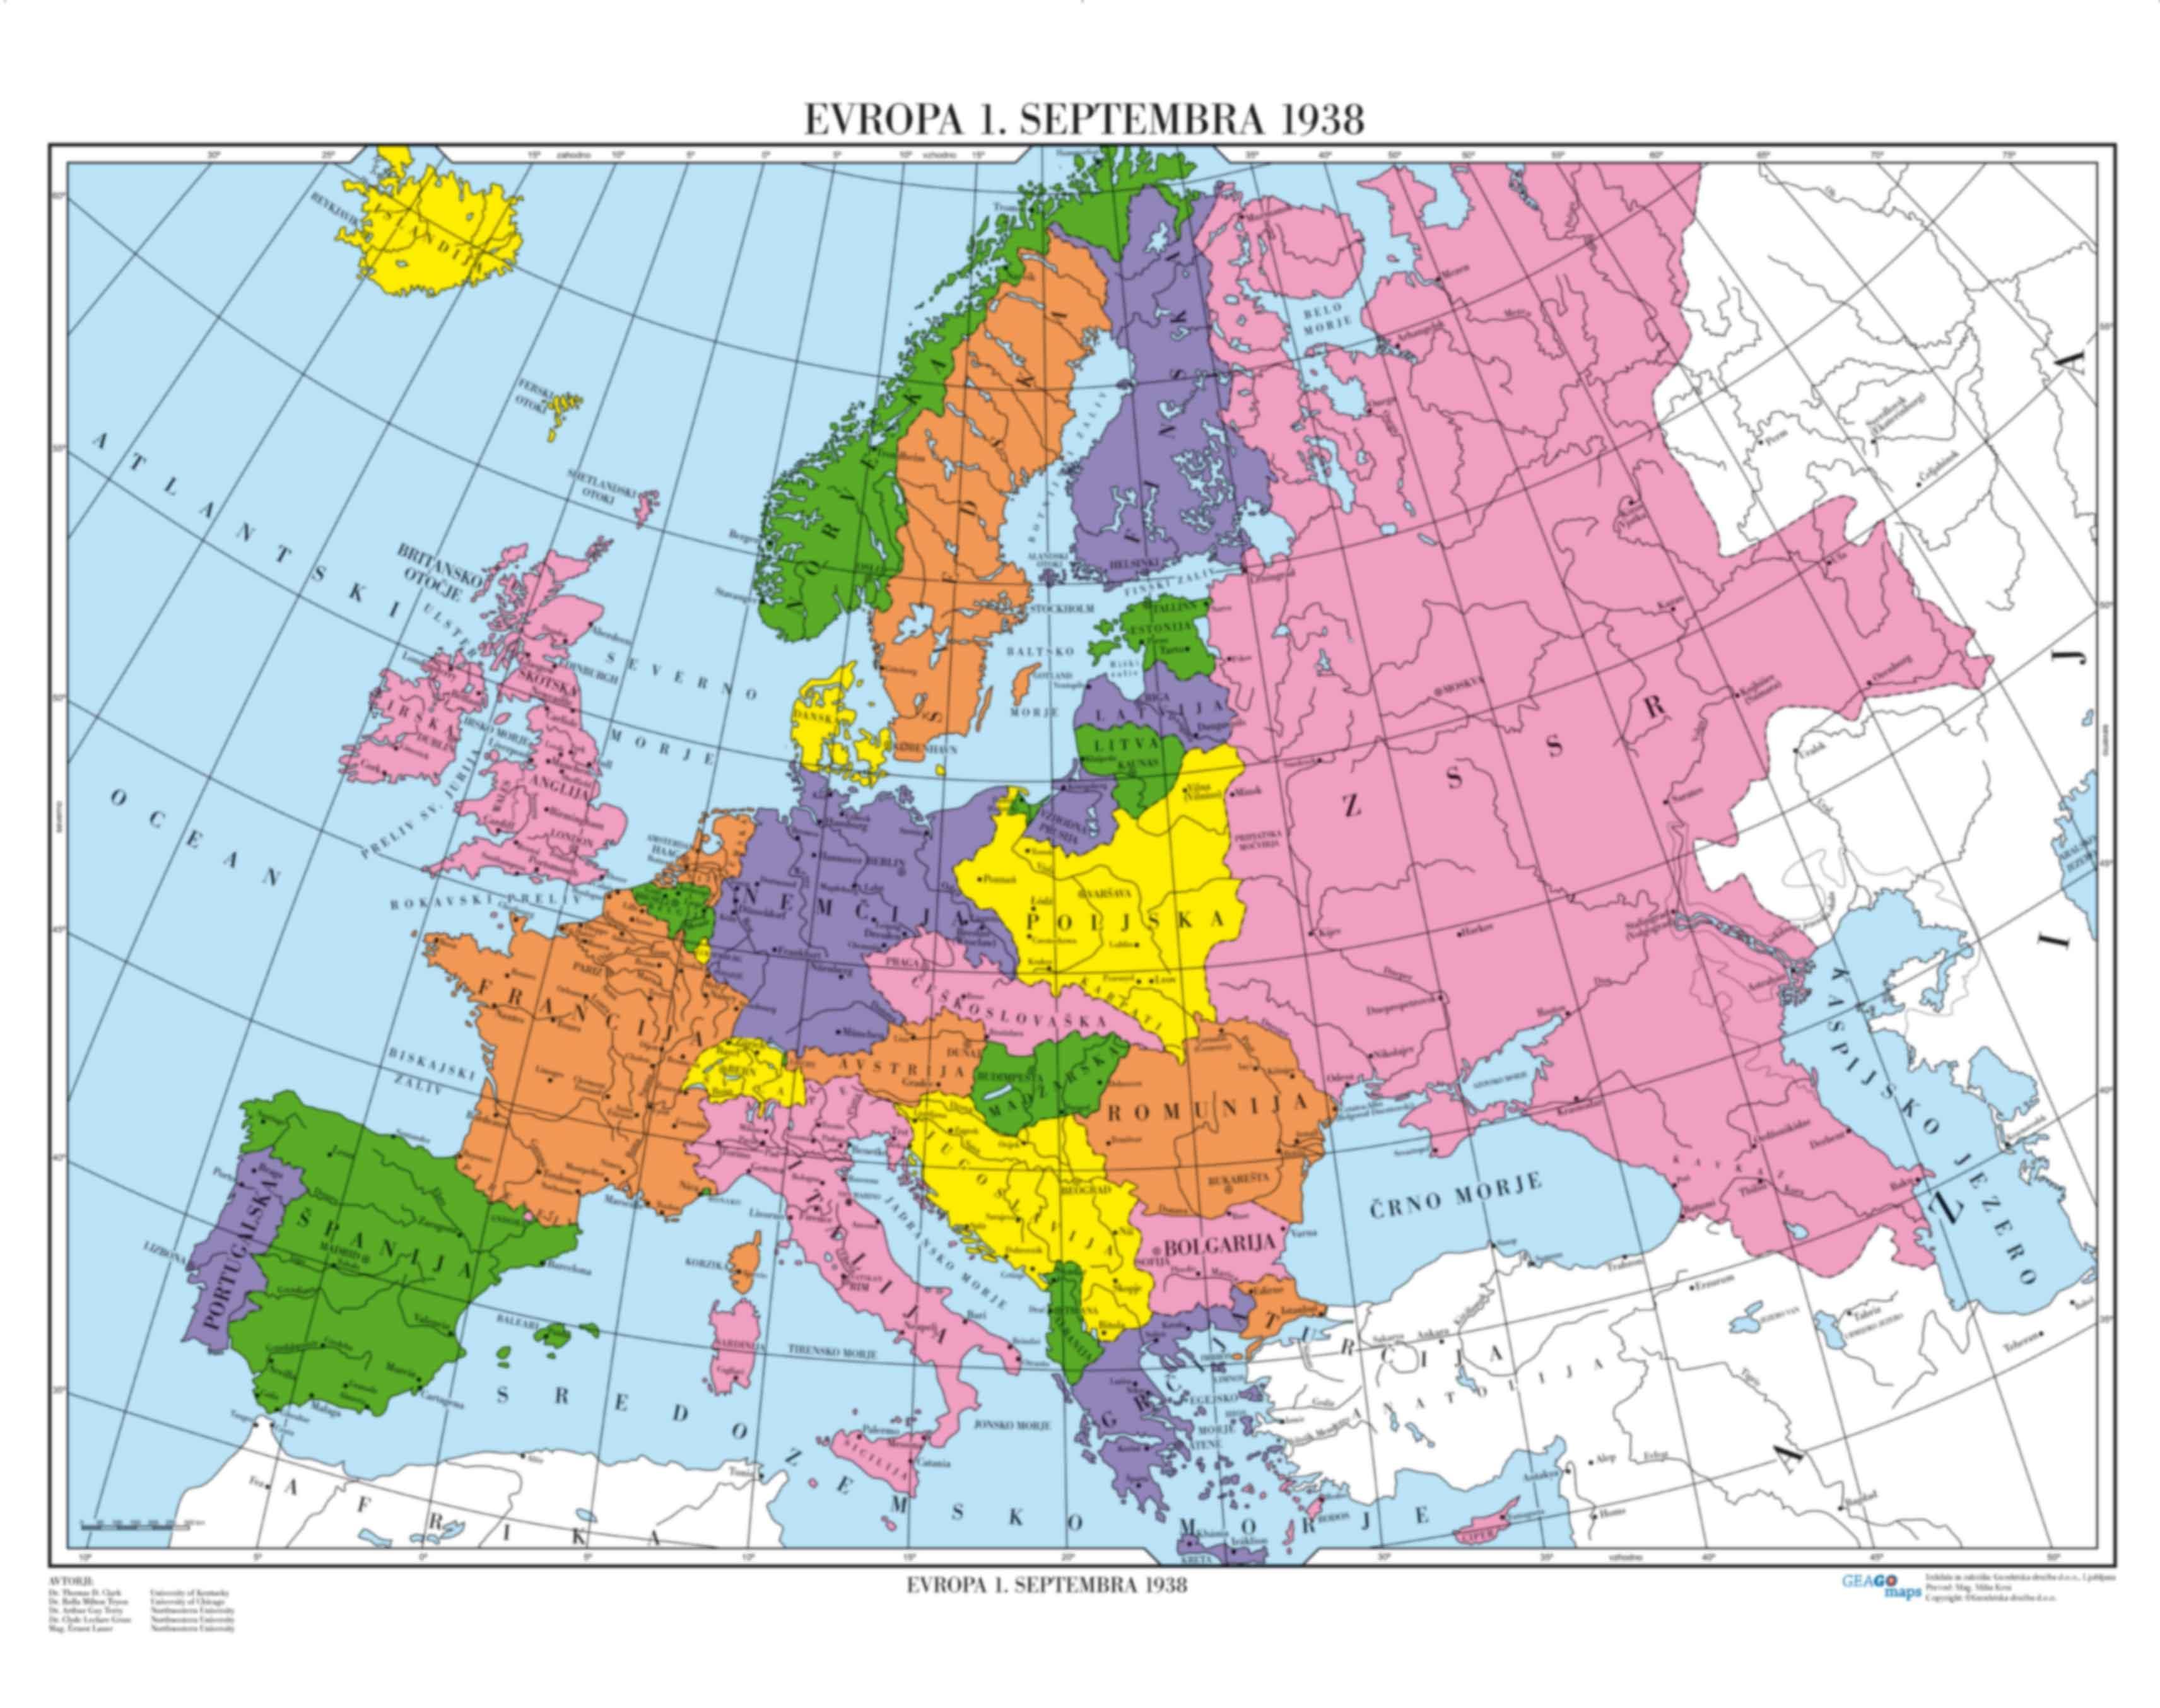 Evropa 1.septembra 1938